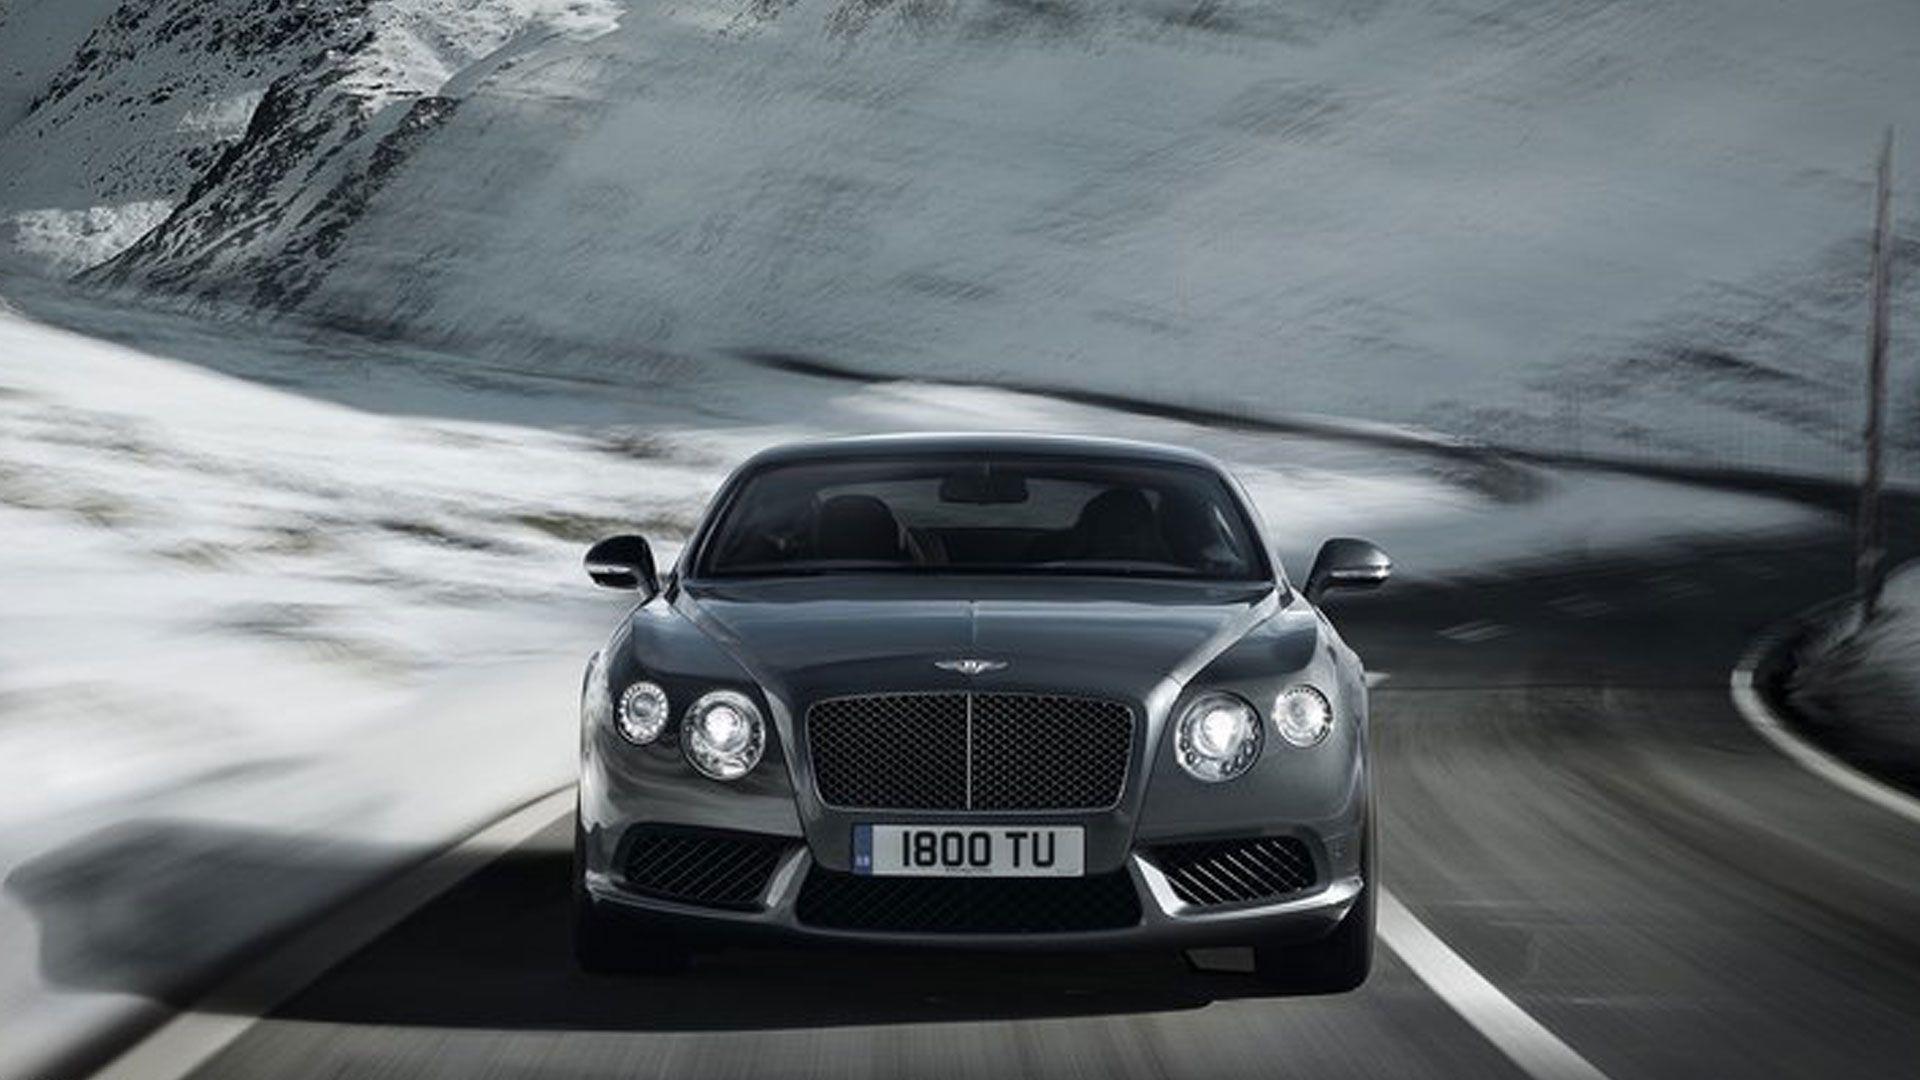 Bentley Car Wallpaper >> Bentley Wallpapers Wallpaper Cave